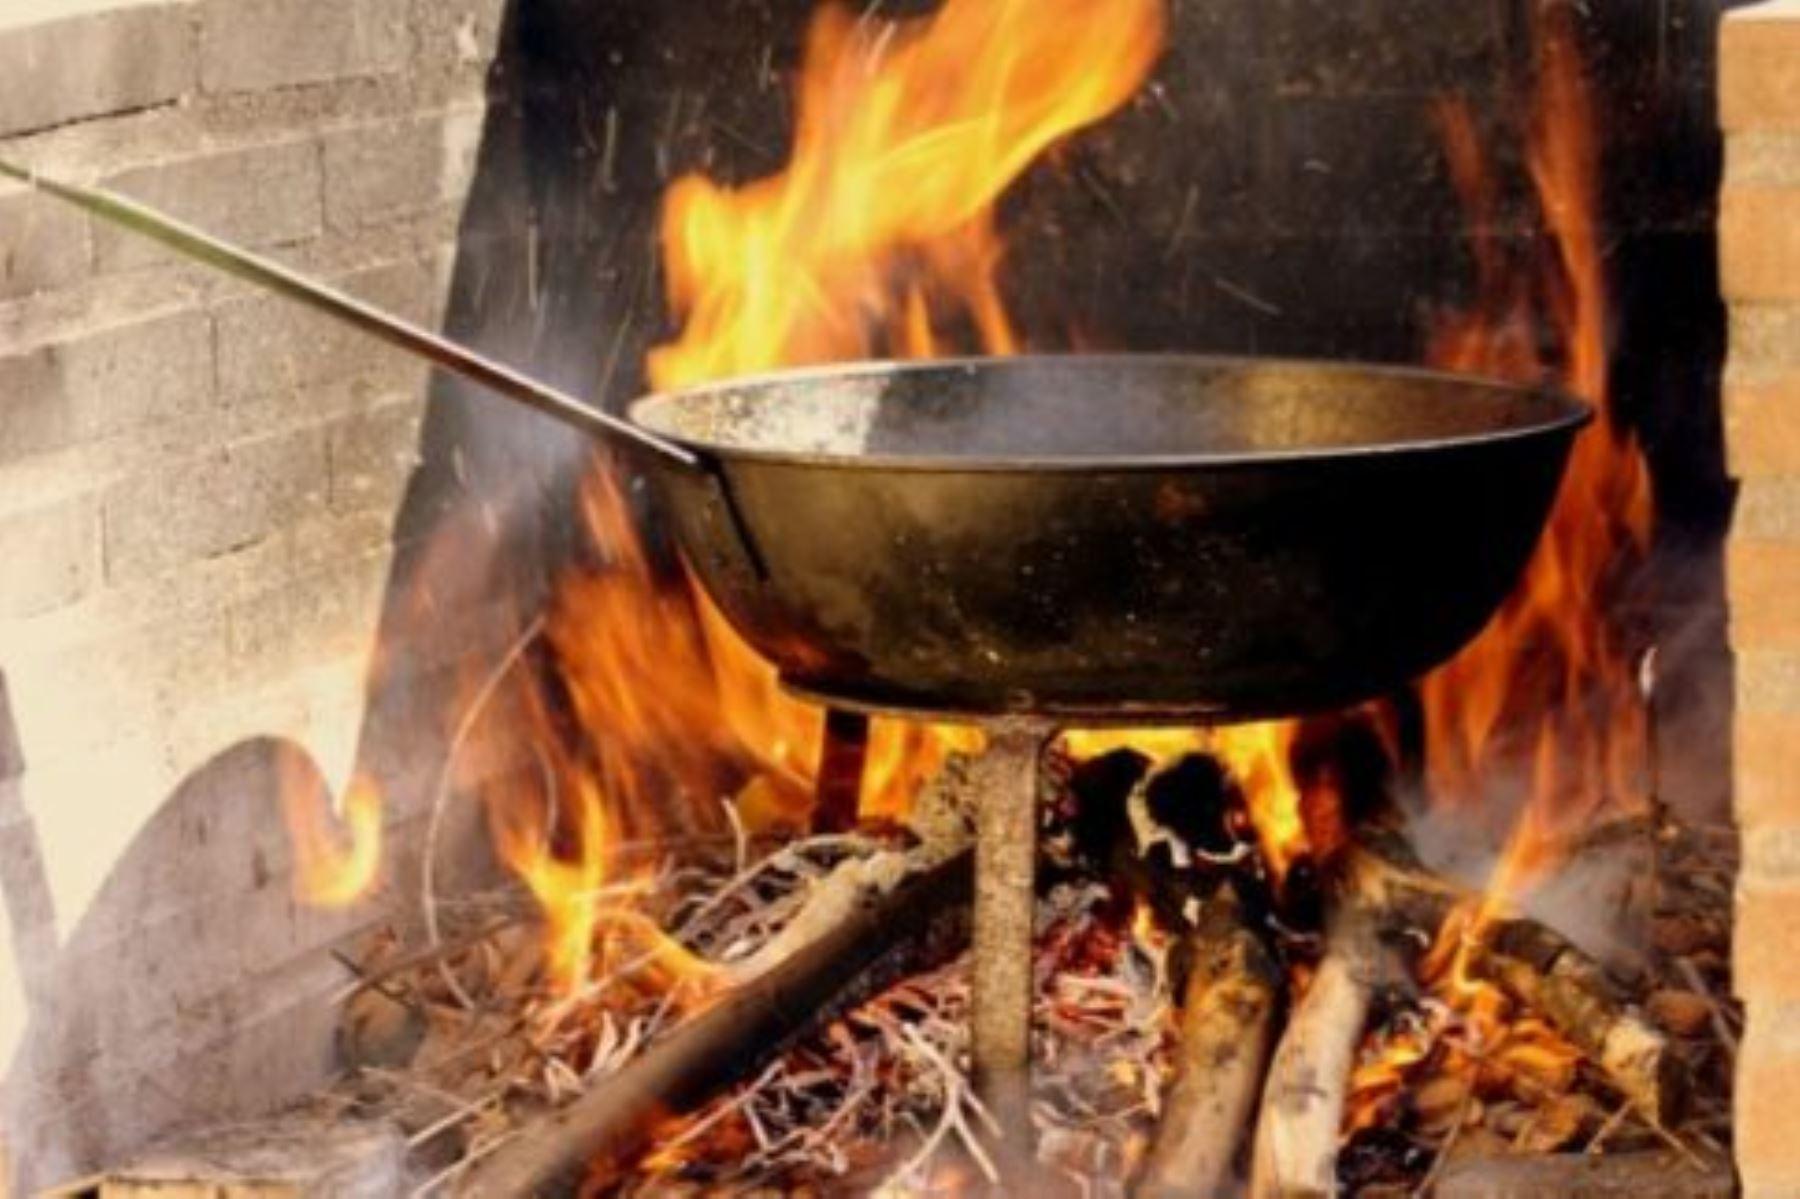 Cocinar con leña en ambientes cerrados es perjudicial para la salud. Foto: Internet